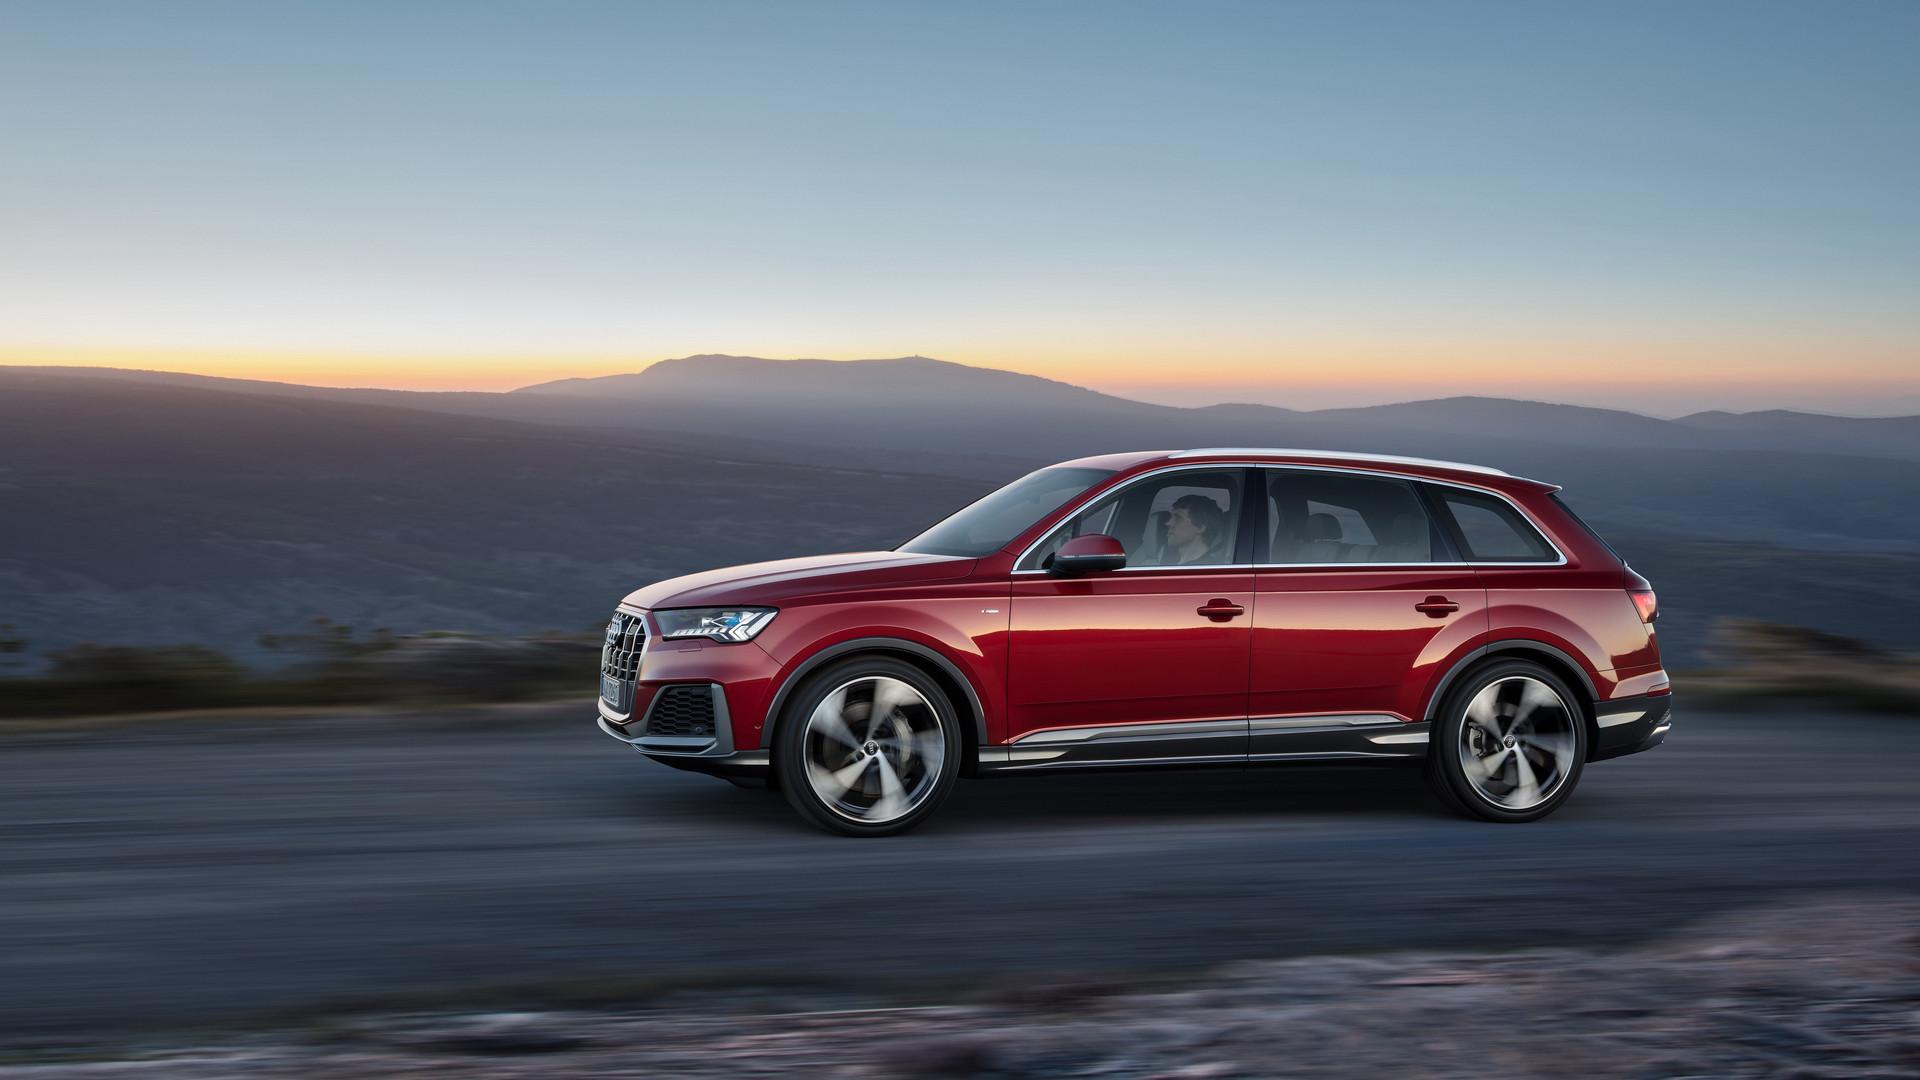 2020 Audi Q7 Side View